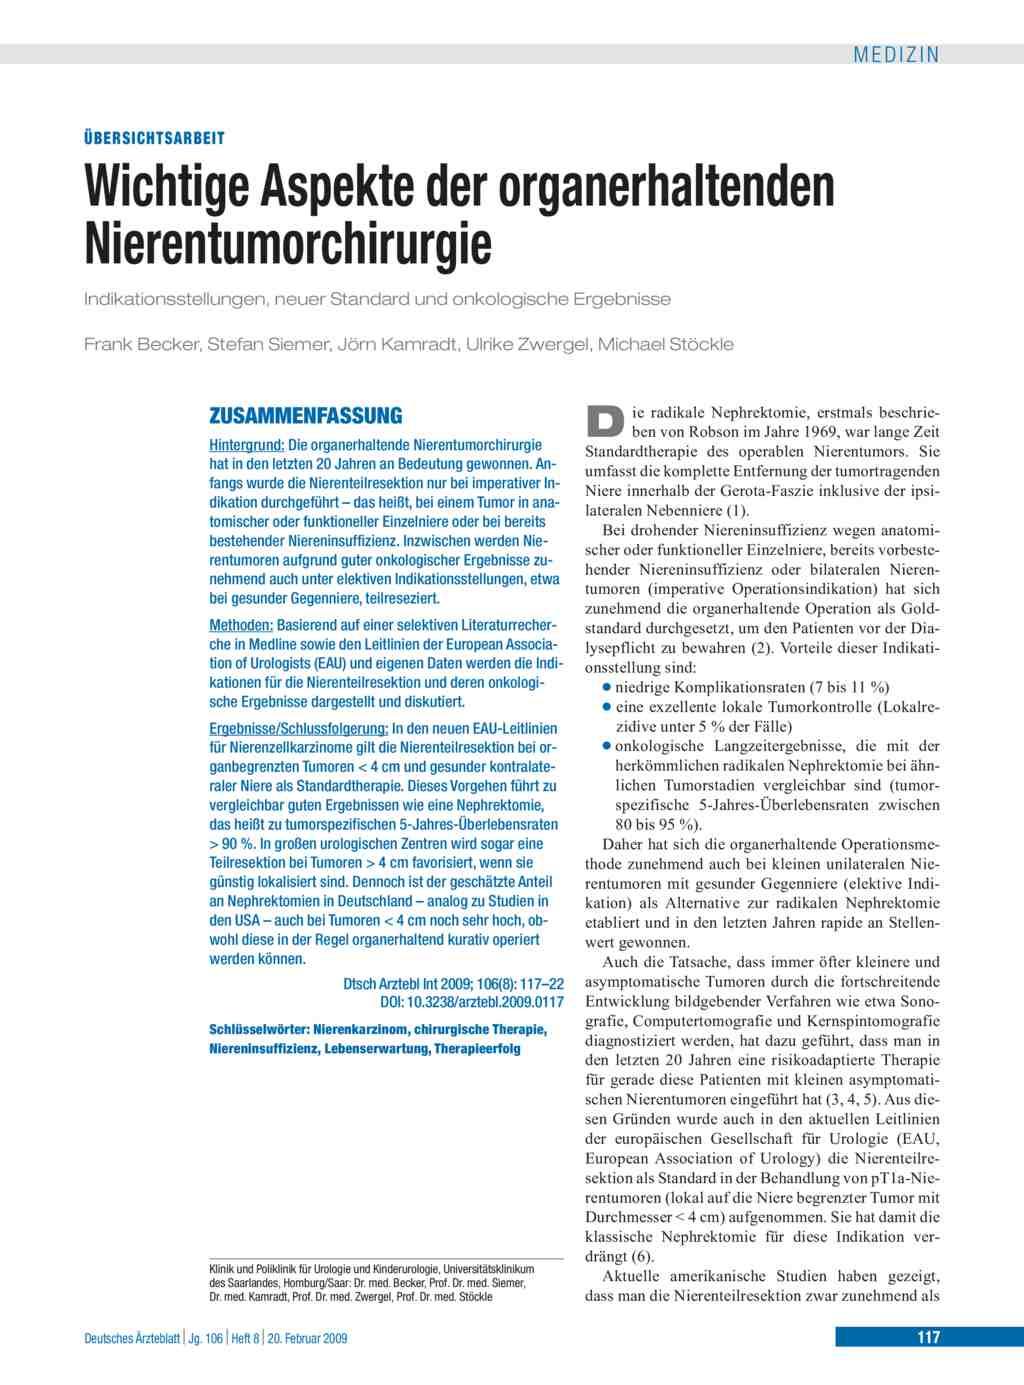 Wichtige Aspekte der organerhaltenden Nierentumorchirurgie